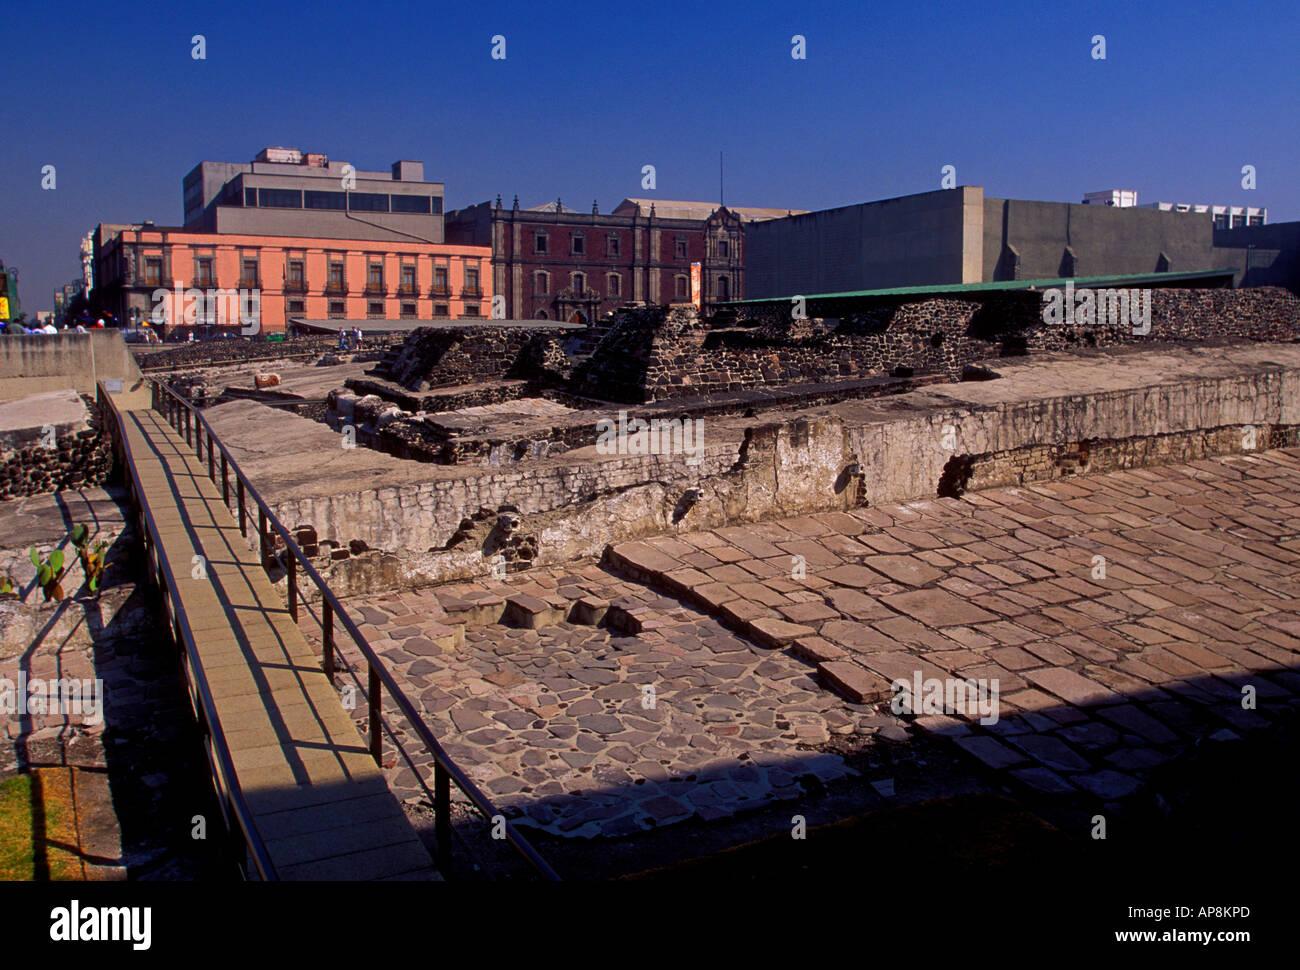 Templo Mayor, Aztec ruin, Aztec ruins, Museo del Templo Mayor, Mexico City, Federal District, Mexico Stock Photo